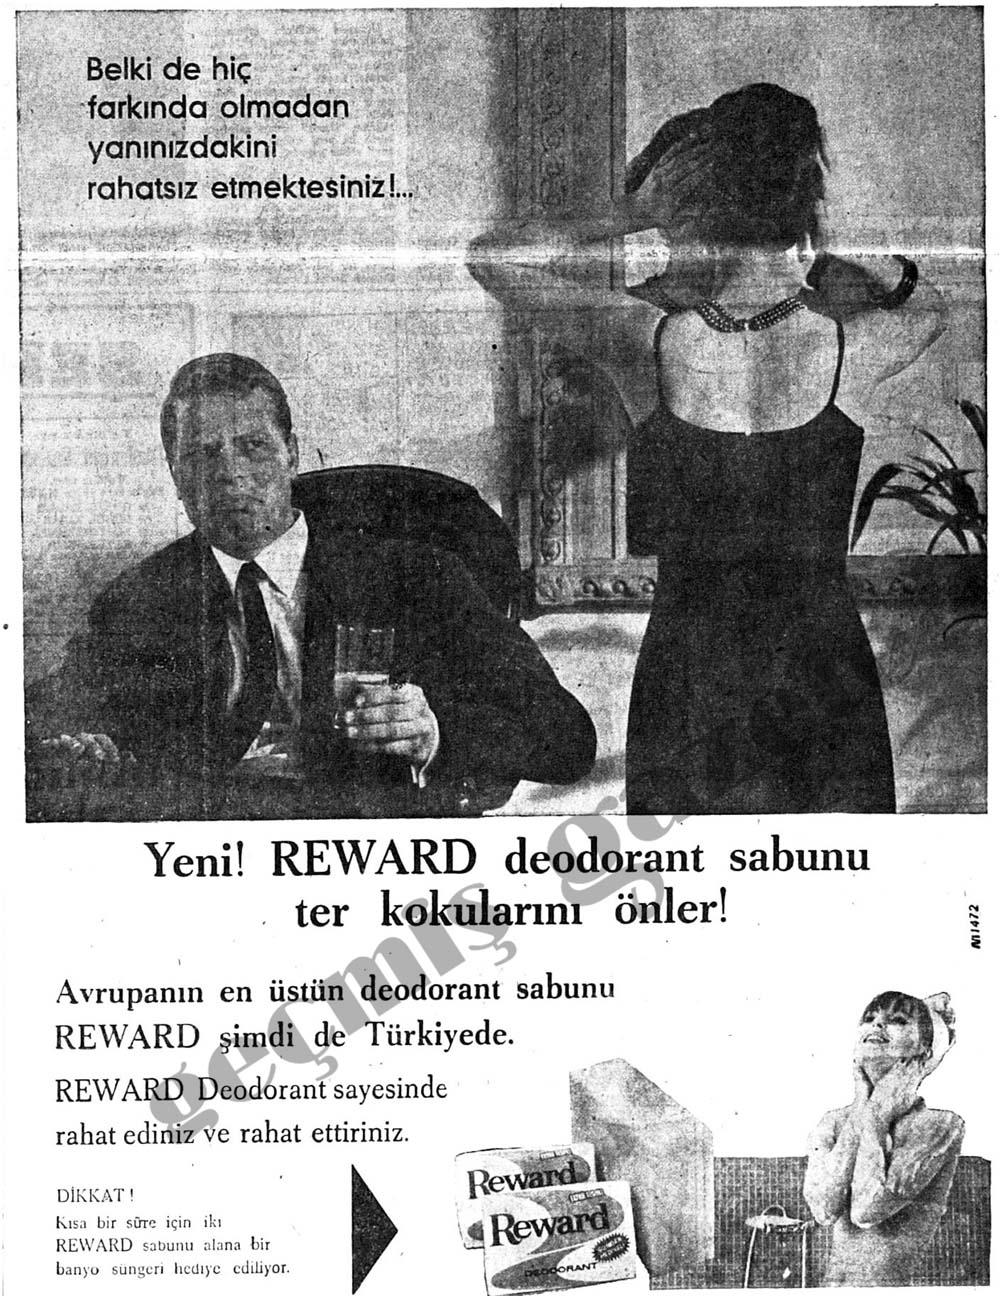 Yeni! Reward deodorant sabunu ter kokularını önler!